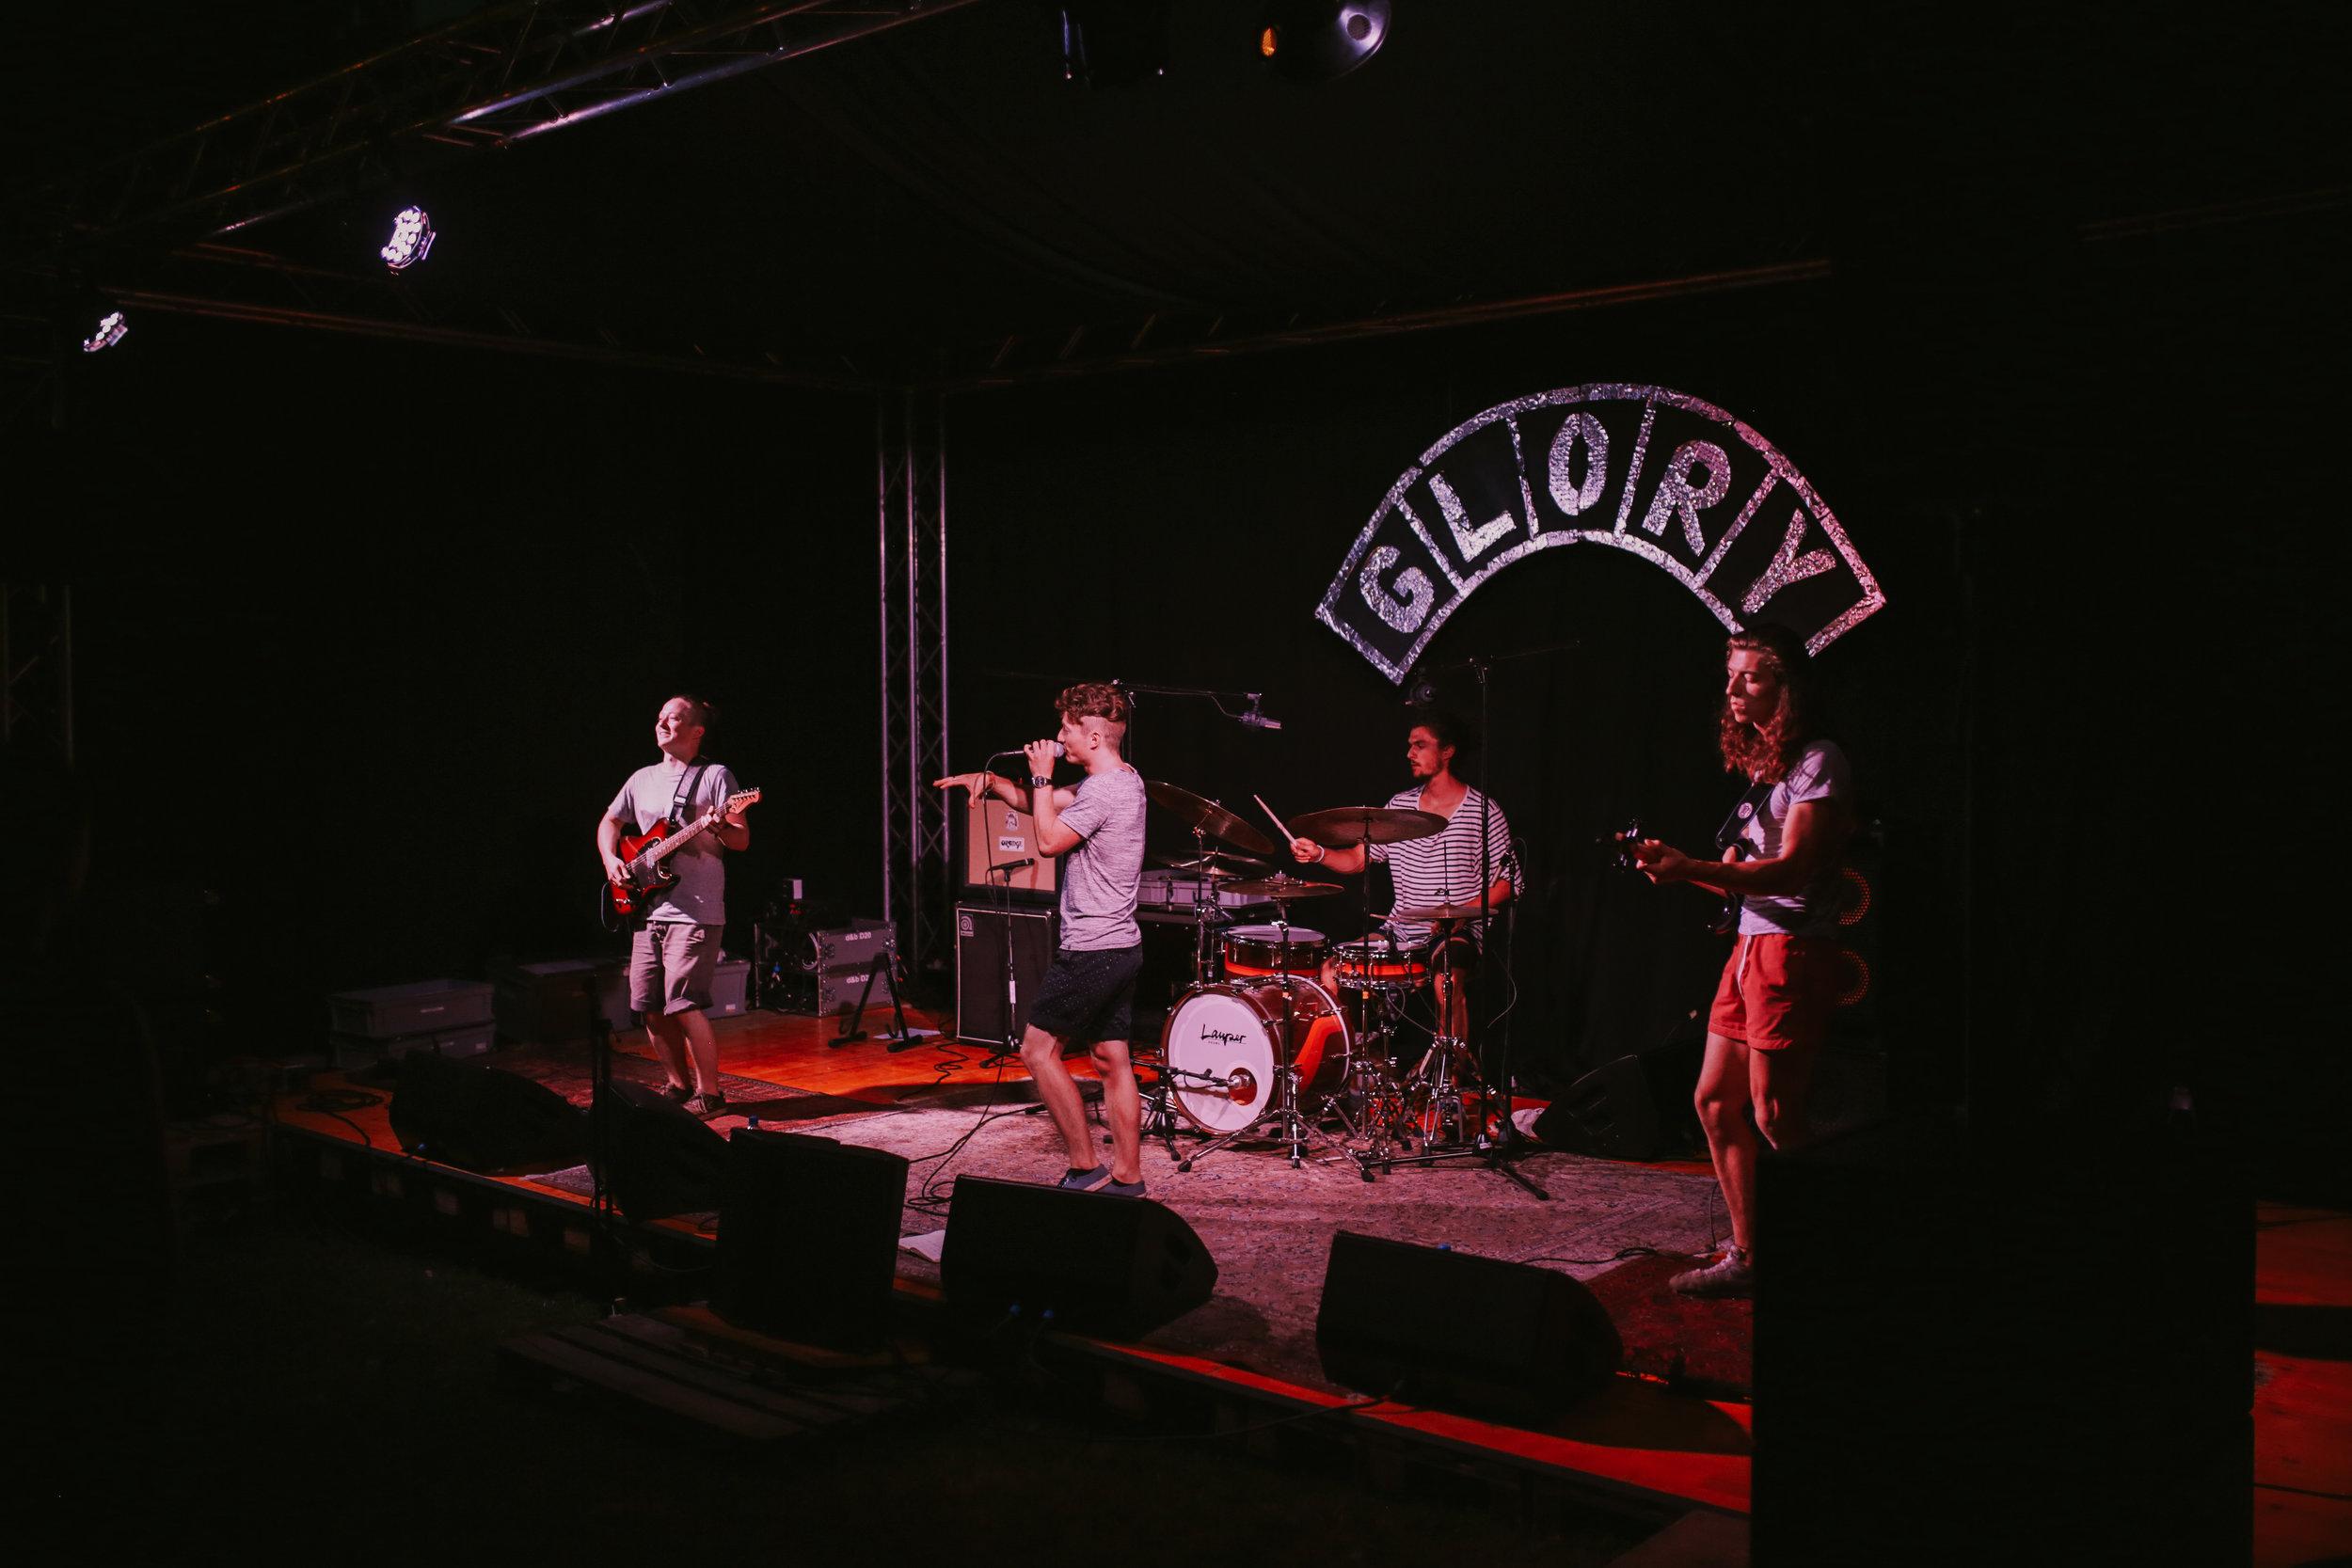 Glory_Festival_August 06, 2017_030.jpg